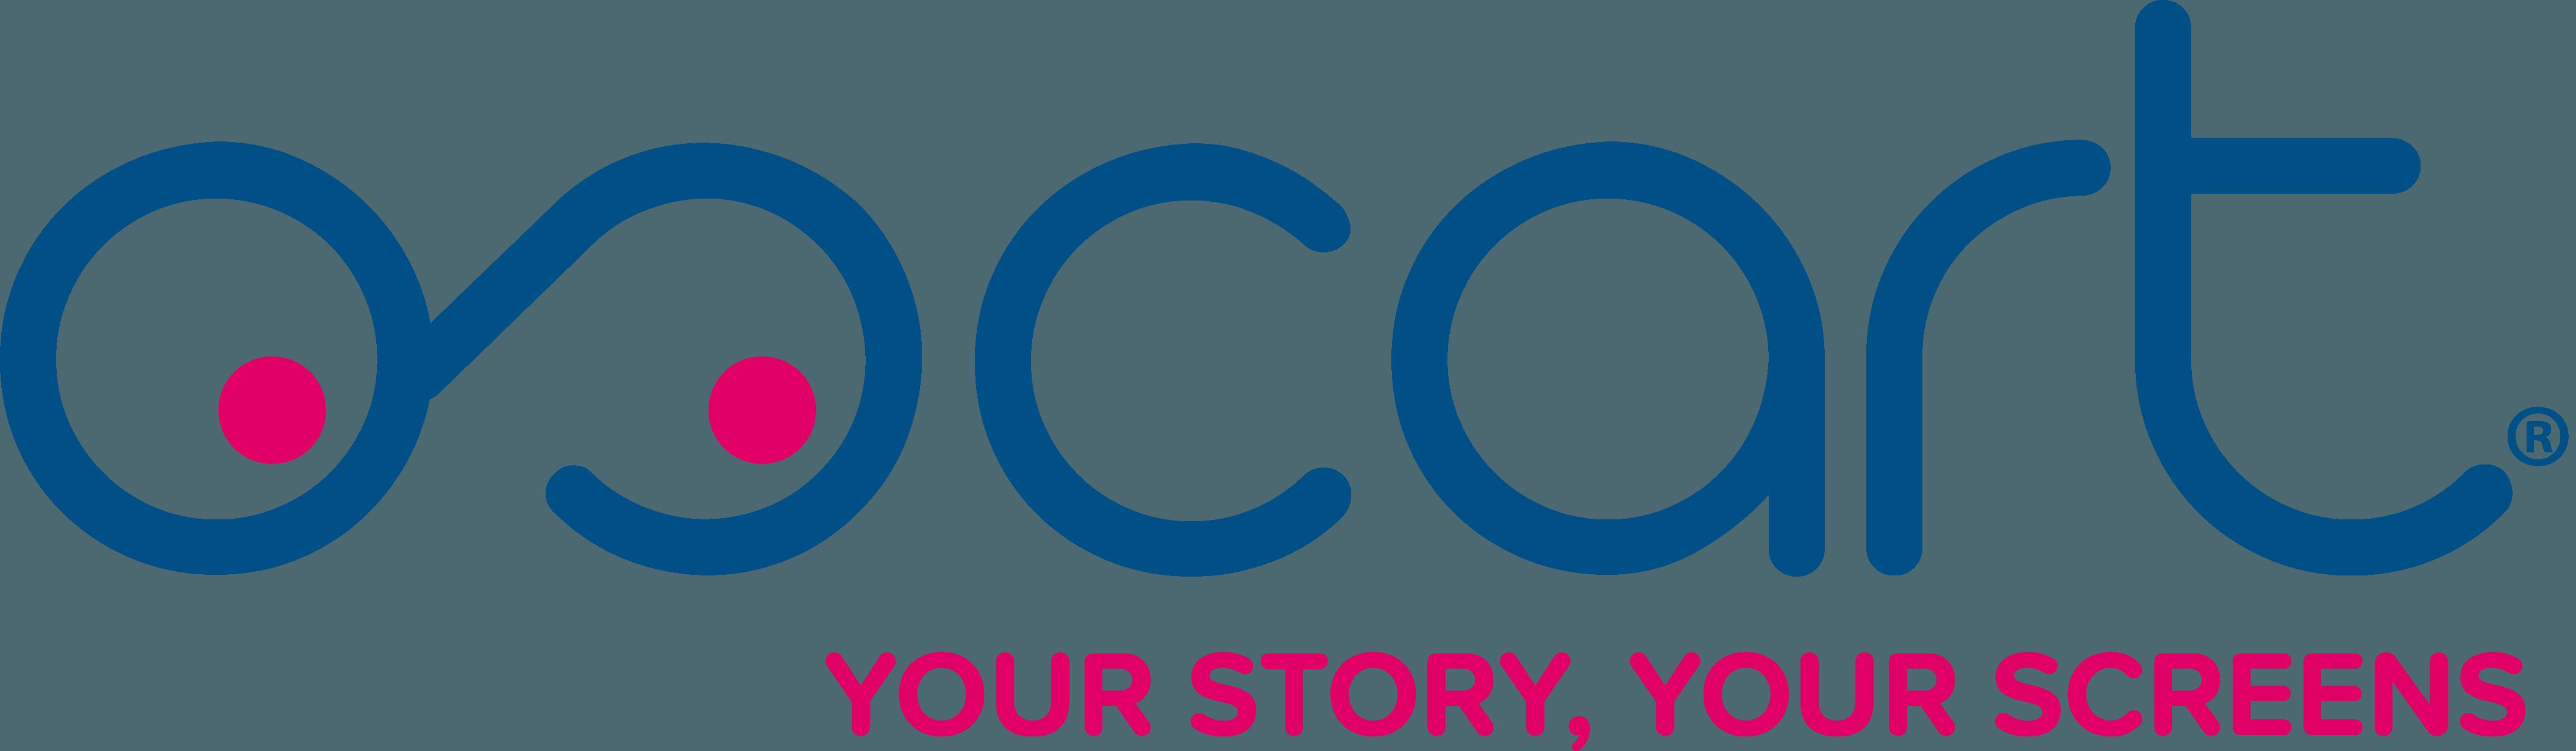 Oscart logo